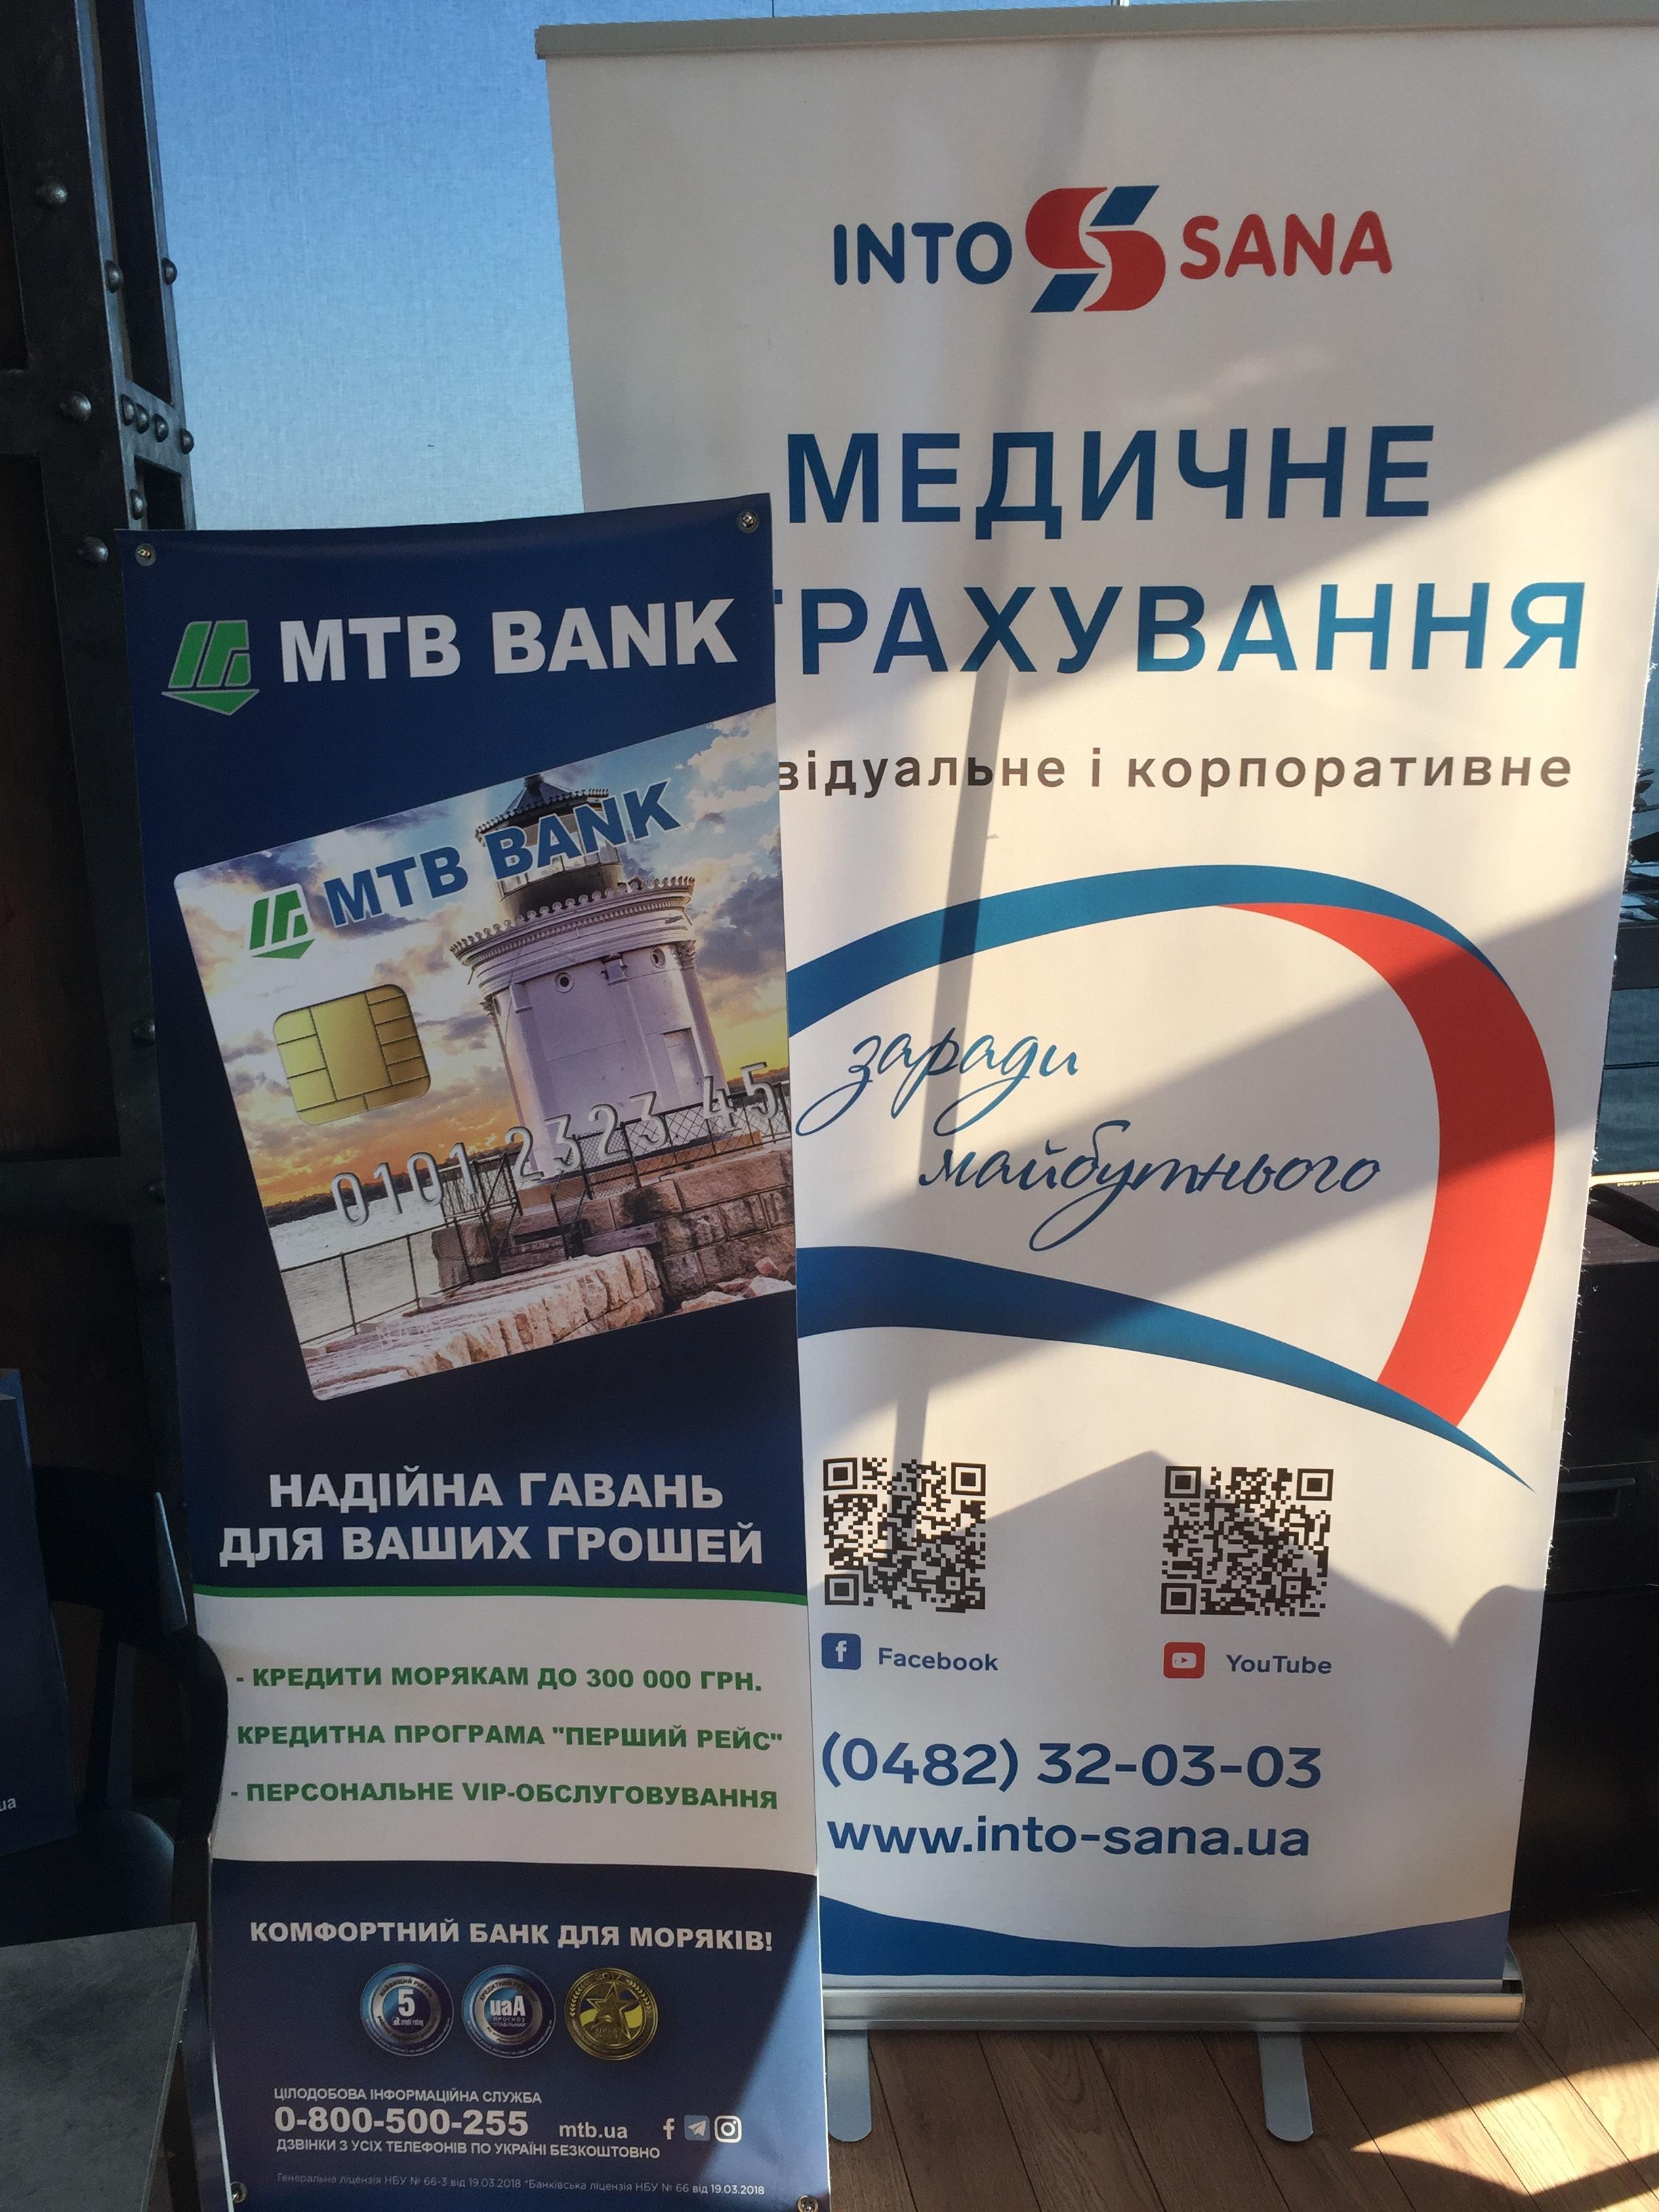 МТБ БАНК И СК ИНТО: ПРИОРИТЕТ – ЗАБОТА О КЛИЕНТАХ  - фото 5 - mtb.ua